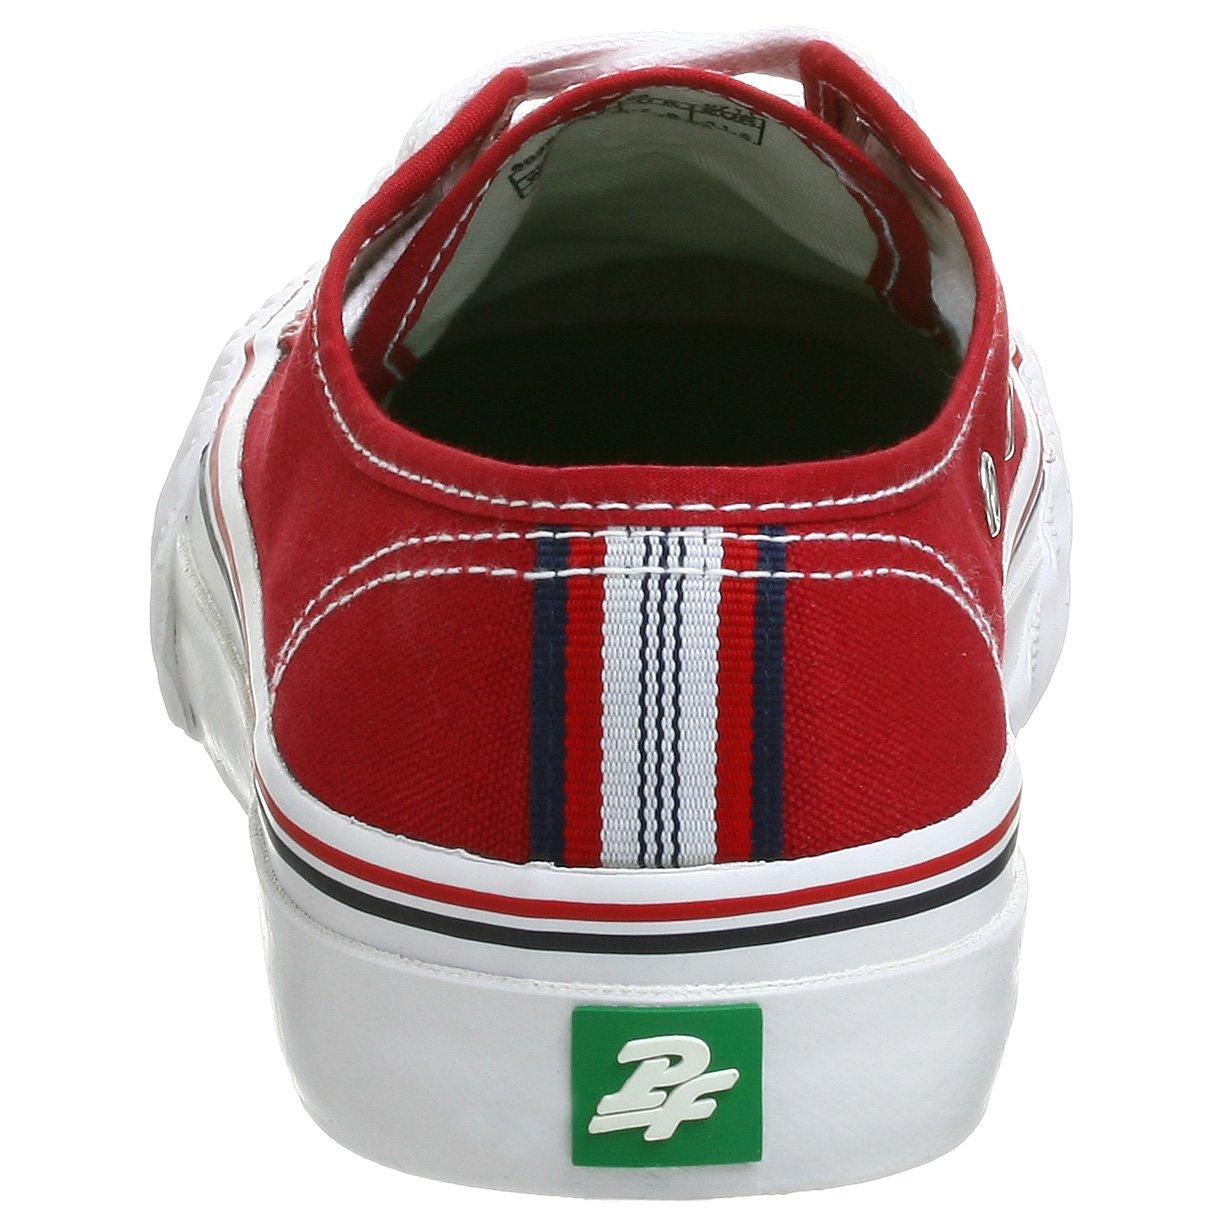 PF Sneaker Flyers Men's Center Lo Sneaker PF B0012VTG4W Men's 13 M US/Women's 14.5 M US|Red 3619b8